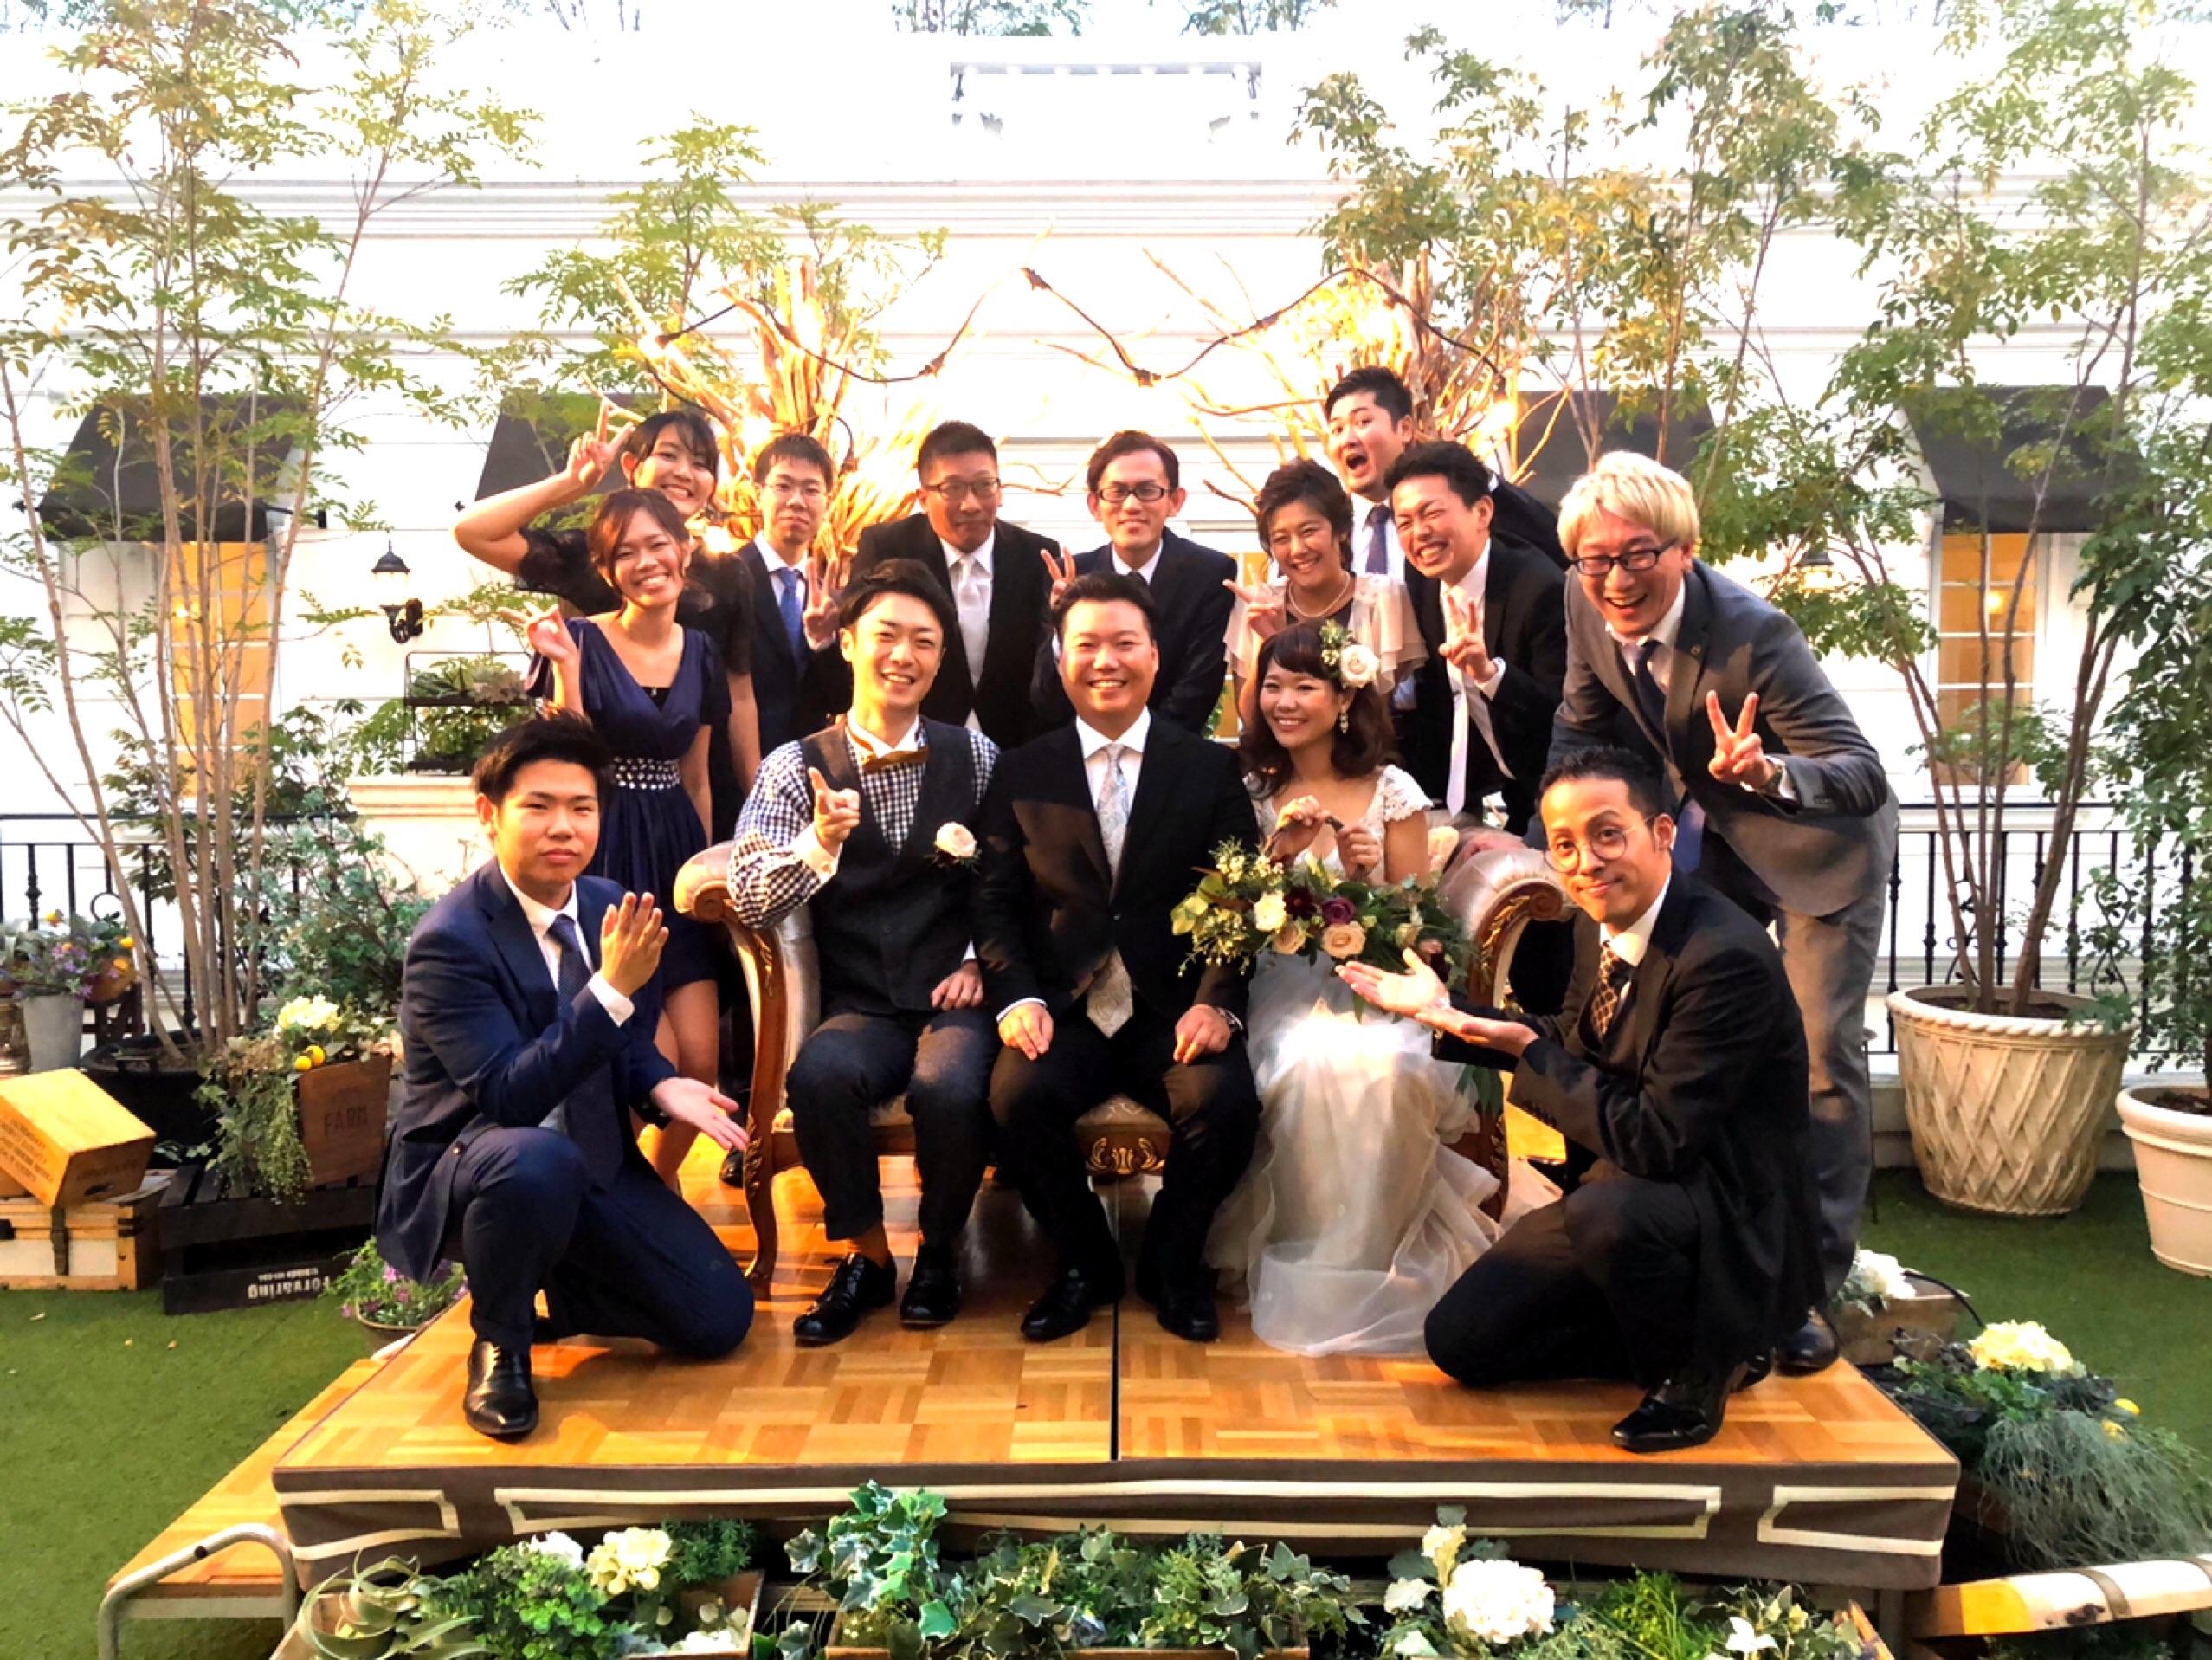 f:id:yumiiwai:20181029015201j:image